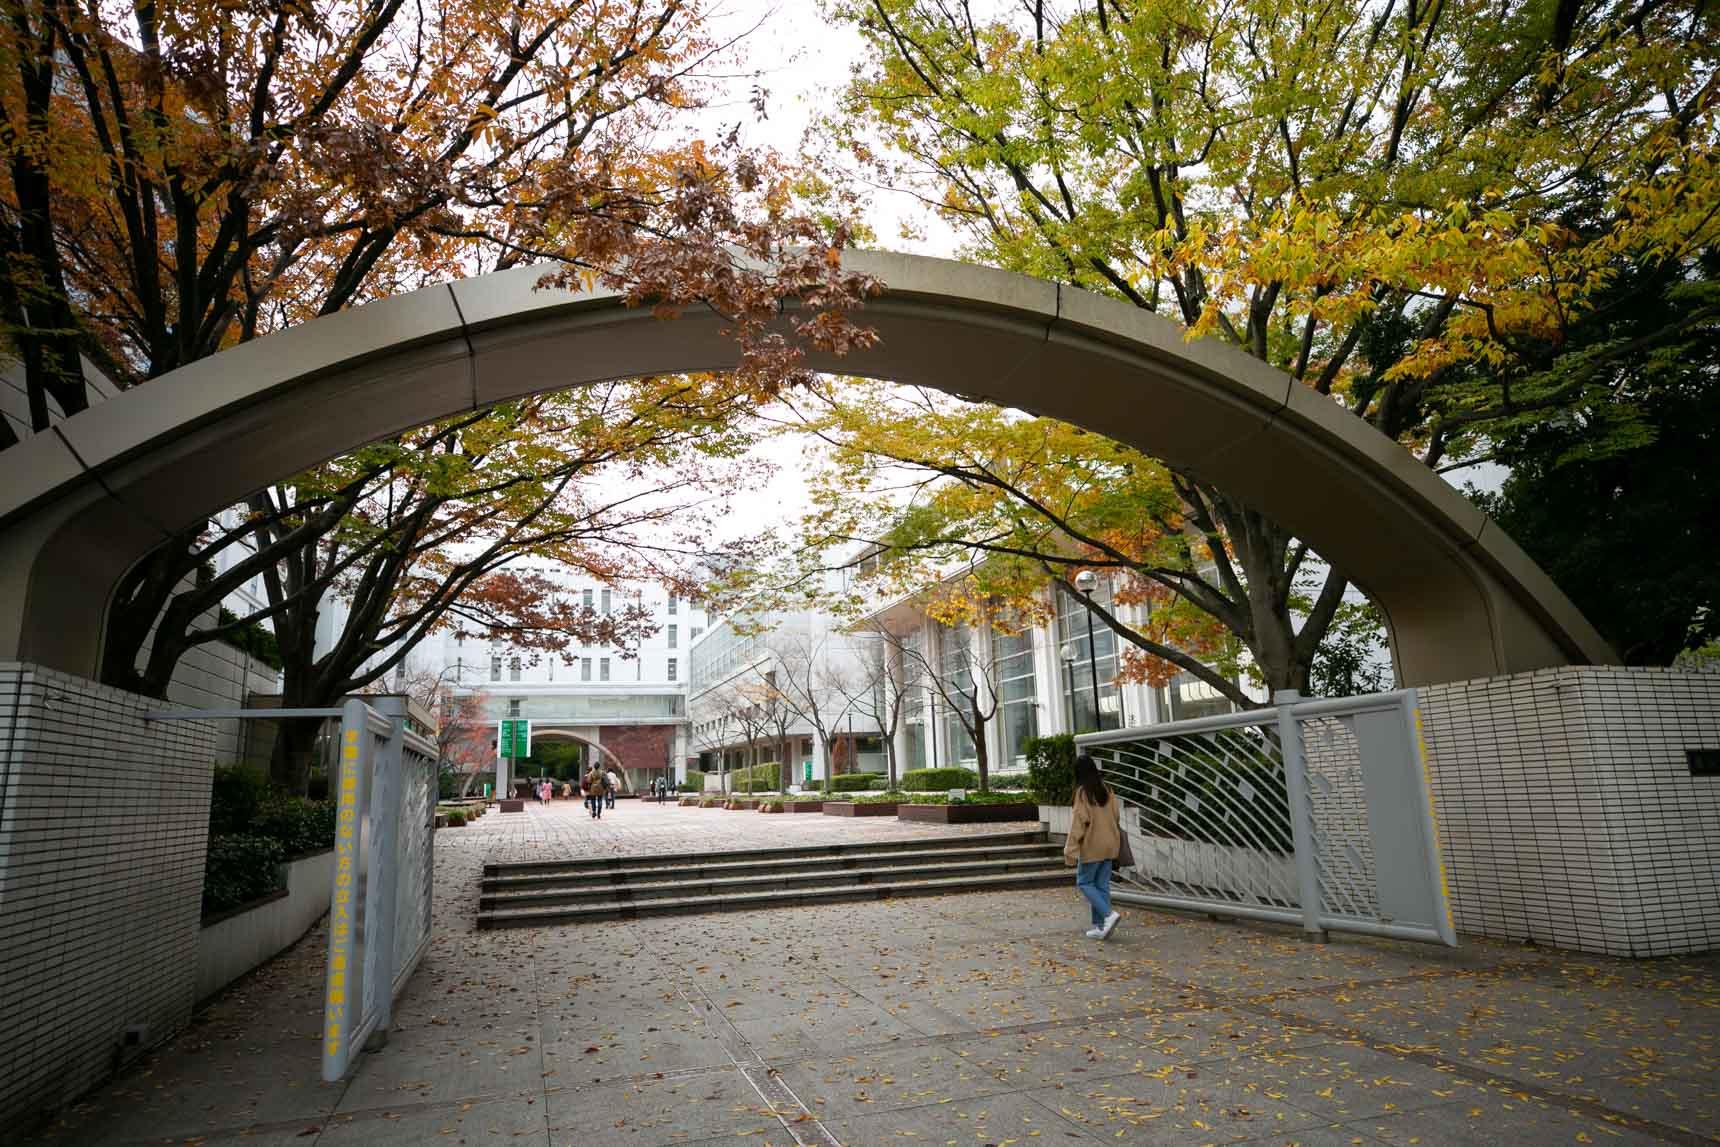 建物に向かう途中には、椙山女学園大学の星ヶ丘キャンパスがあります。朝から夕方まで、街を闊歩する女子学生さんたちでいっぱい。